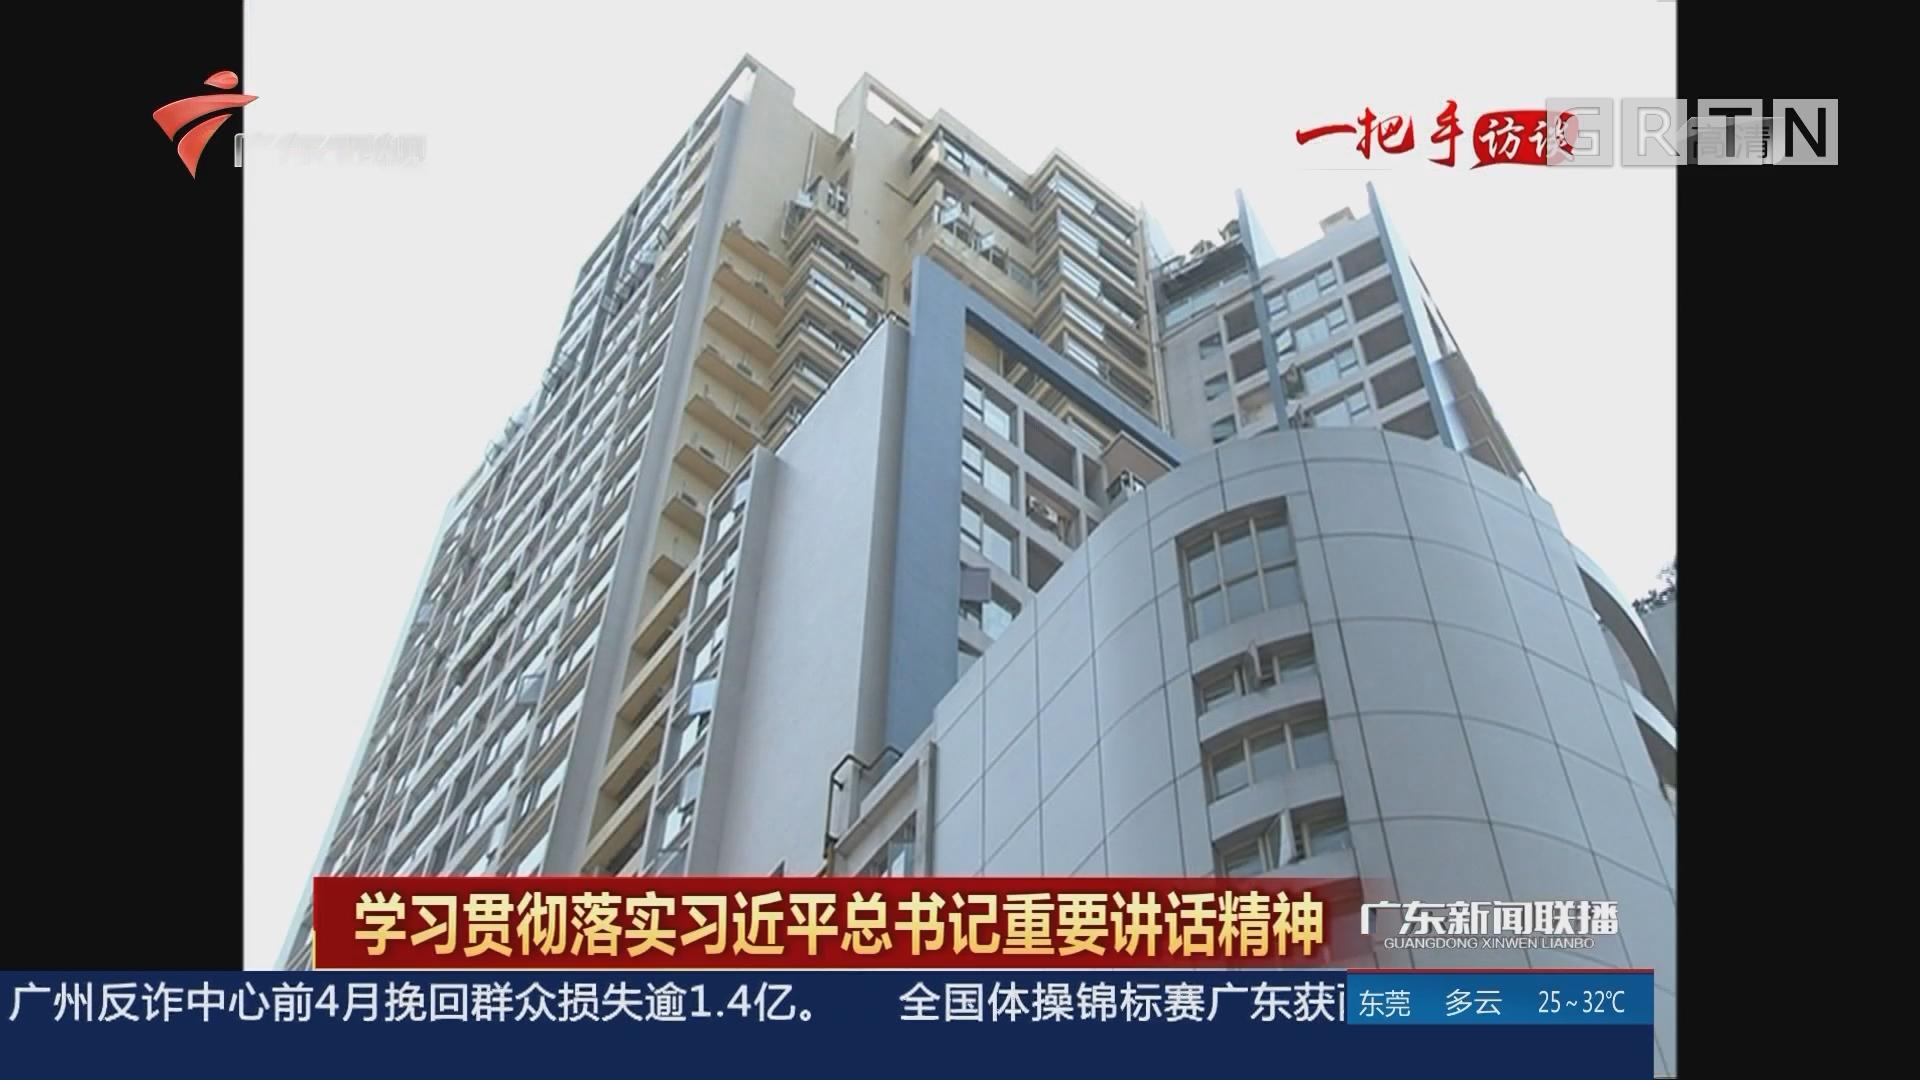 广东省住房城乡建设厅:加强房地产风险防控 确保市场平稳健康发展